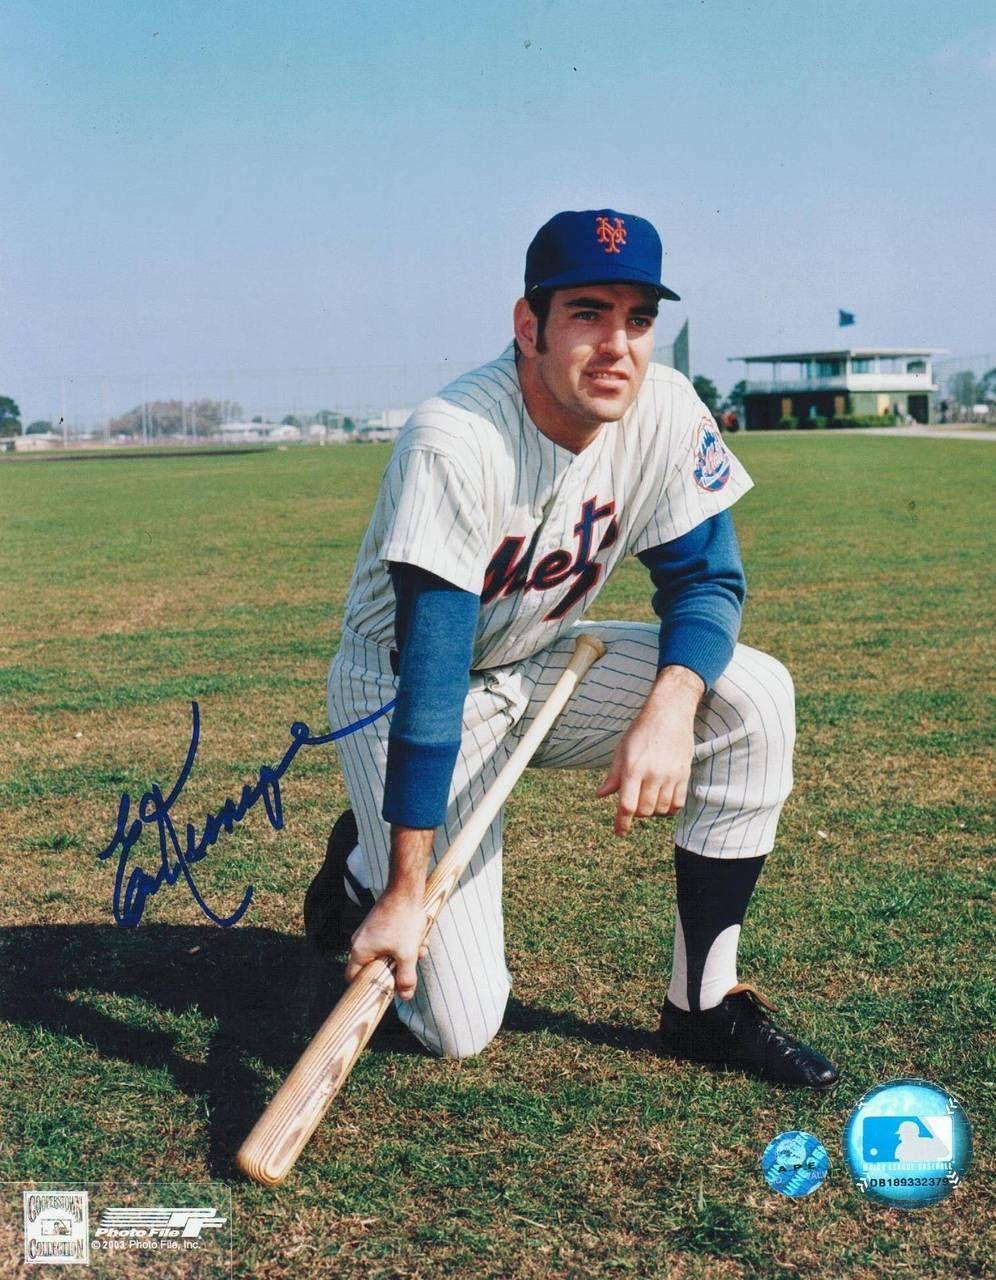 Ed Kranepool New York Mets Autographed 8x10 Photo Kneeling New York Mets Mets Baseball Mets